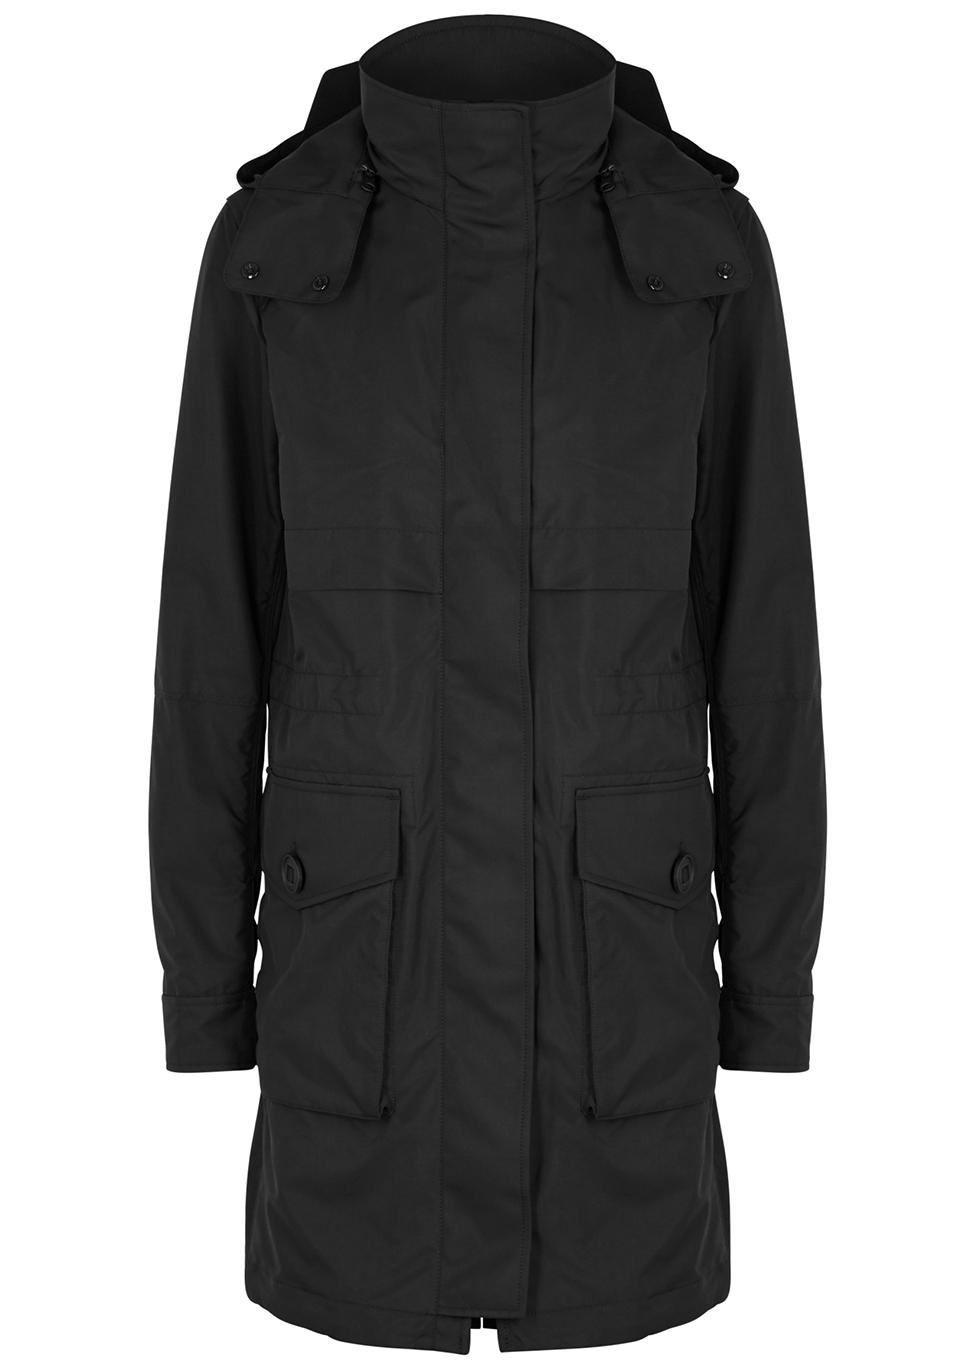 fd269d605 Canada Goose - Designer Jackets   Coats - Harvey Nichols